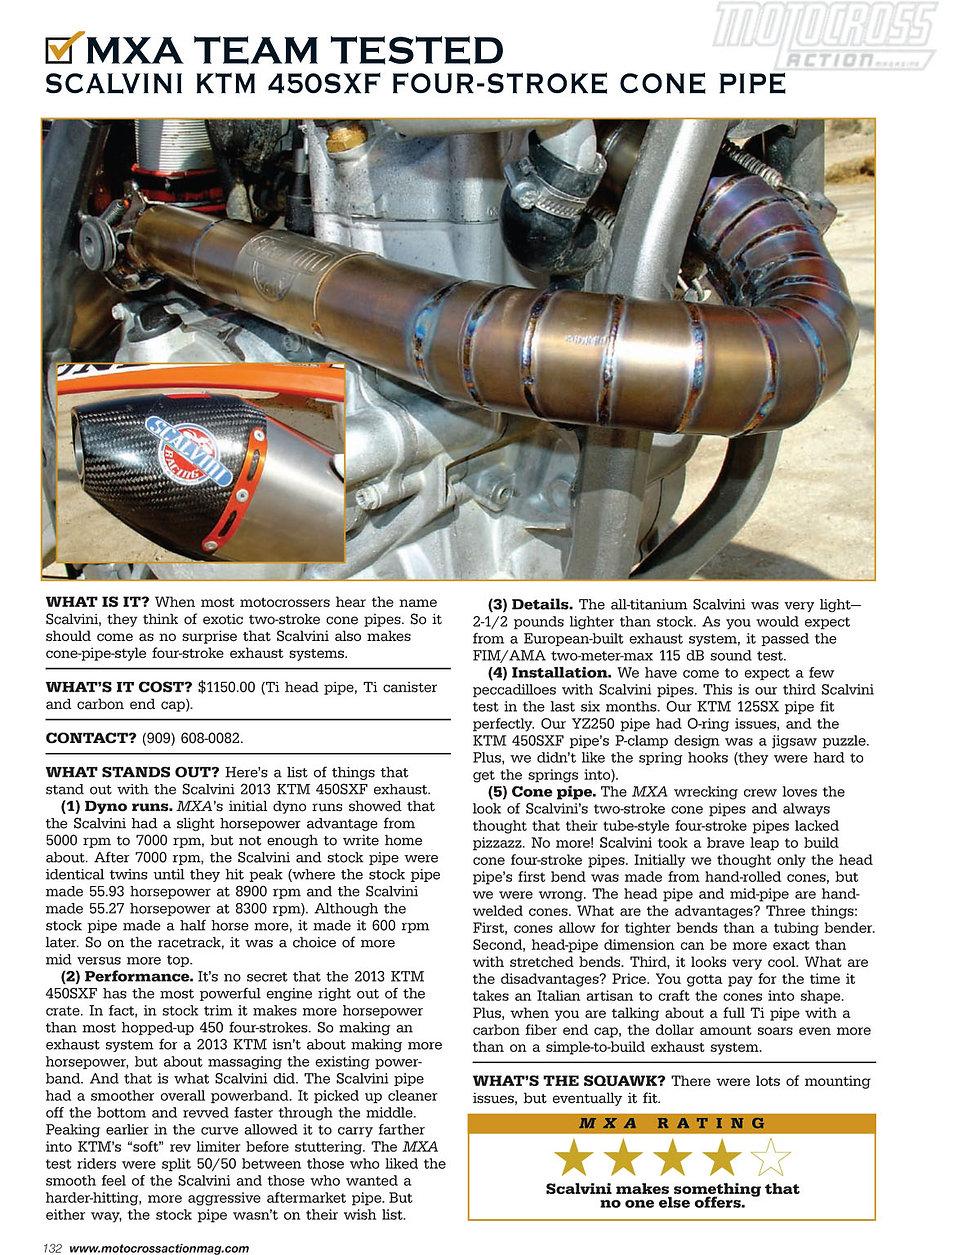 Scalvini Pipe for KTM 450 SXF MXA Magazine Test April 2013